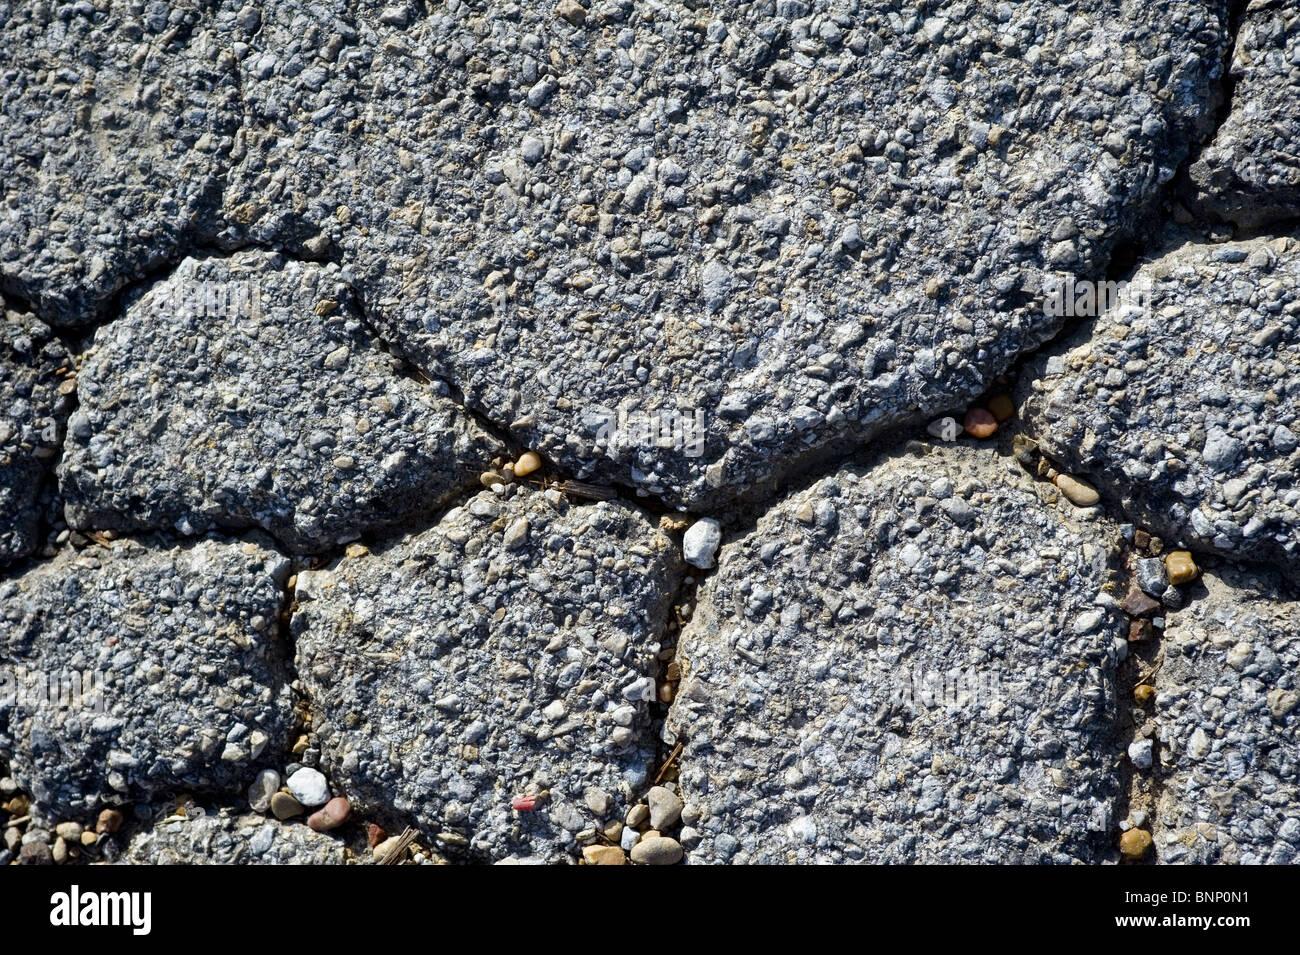 Pavimento de asfalto/agrietado Imagen De Stock